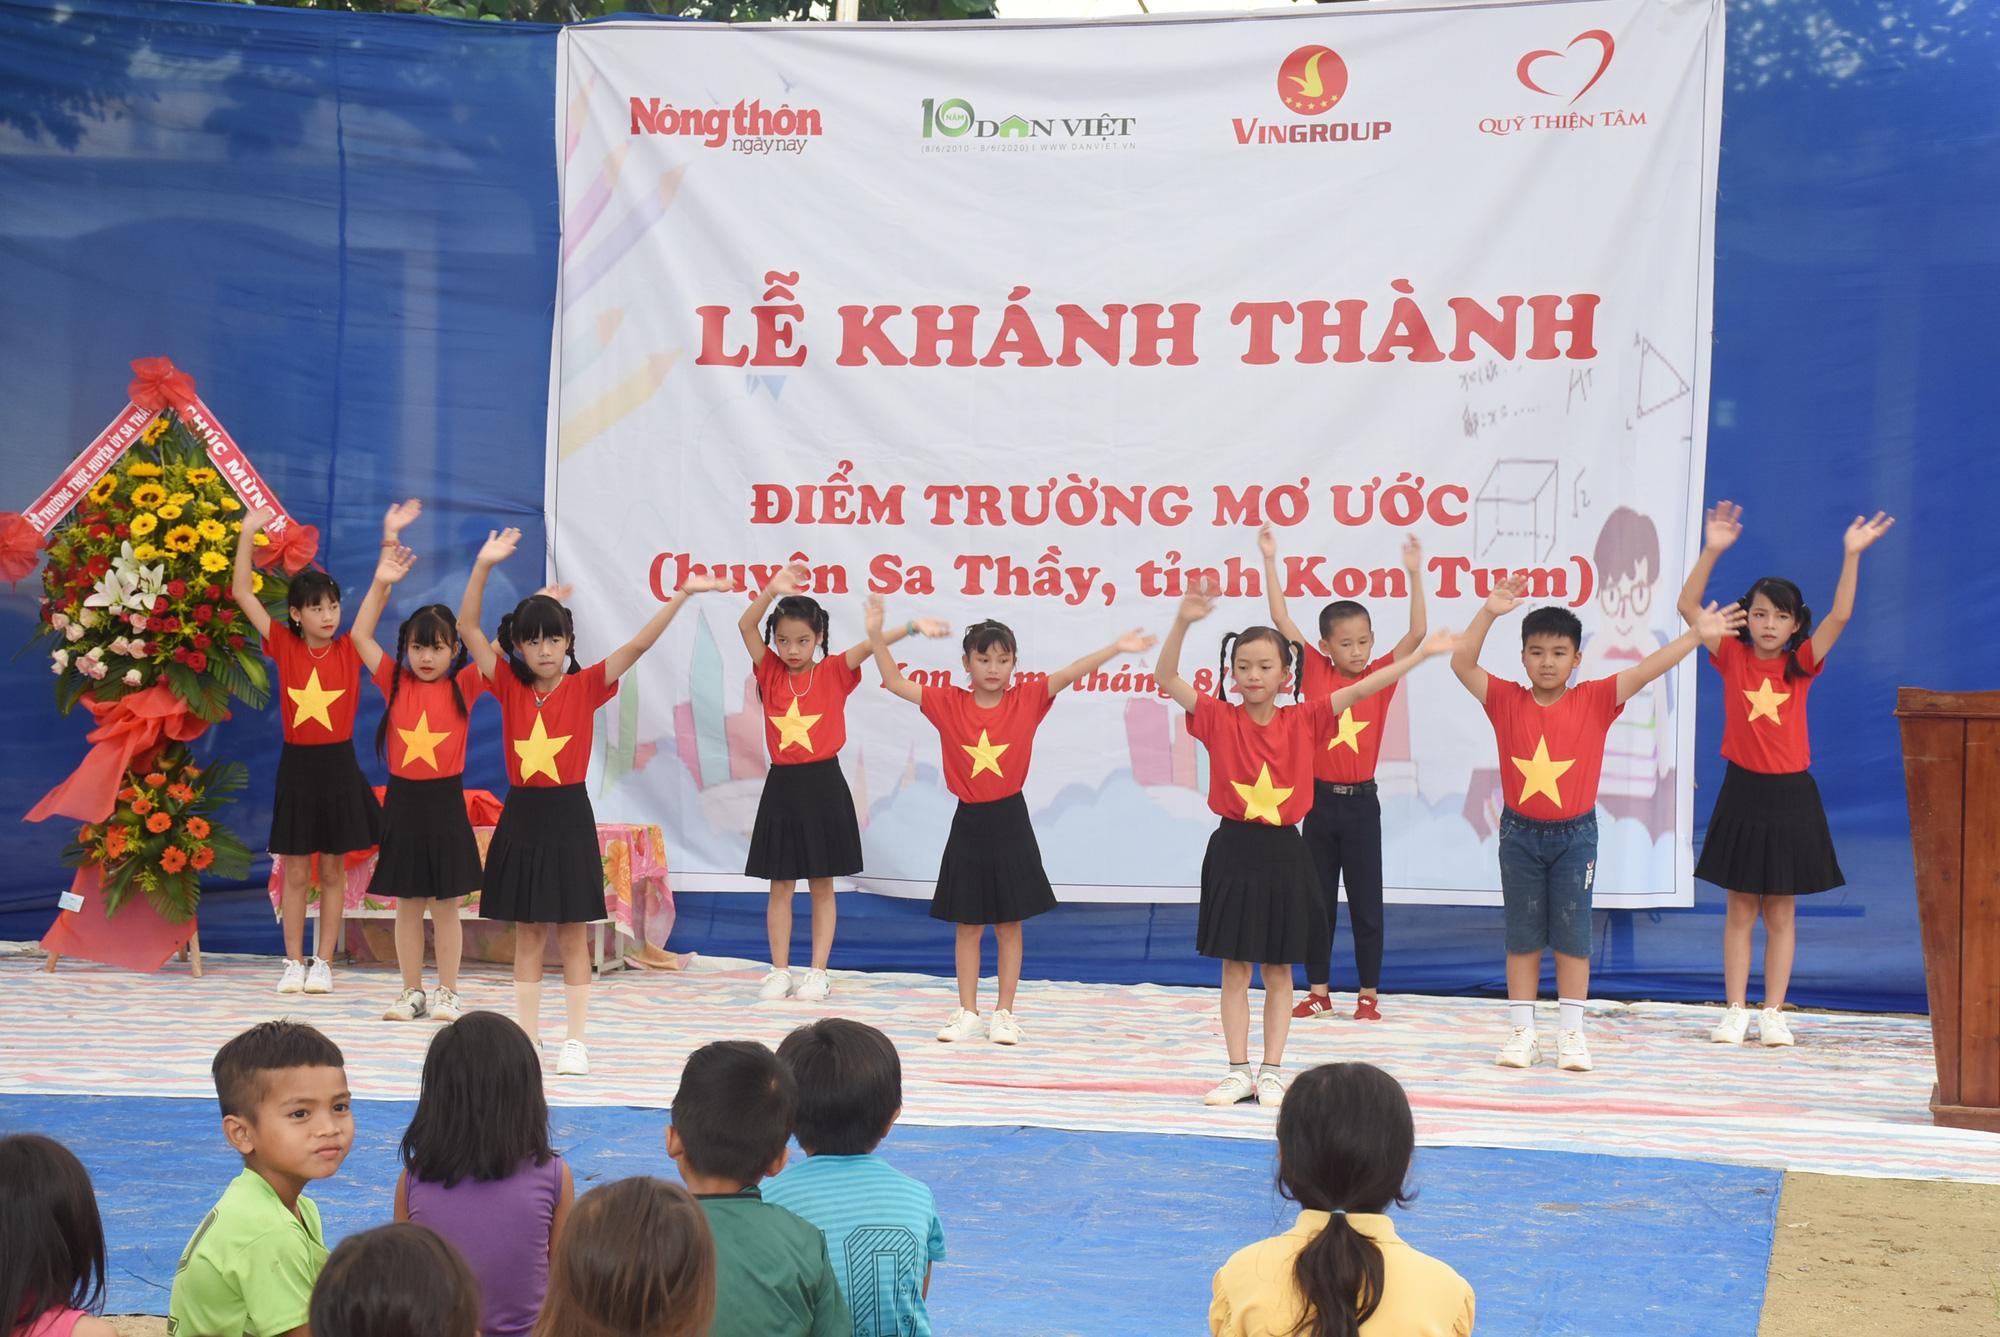 """Báo NTNN/Dân Việt - Quỹ Thiện Tâm khánh thành """"Điểm trường mơ ước"""" tại Kon Tum - Ảnh 1."""